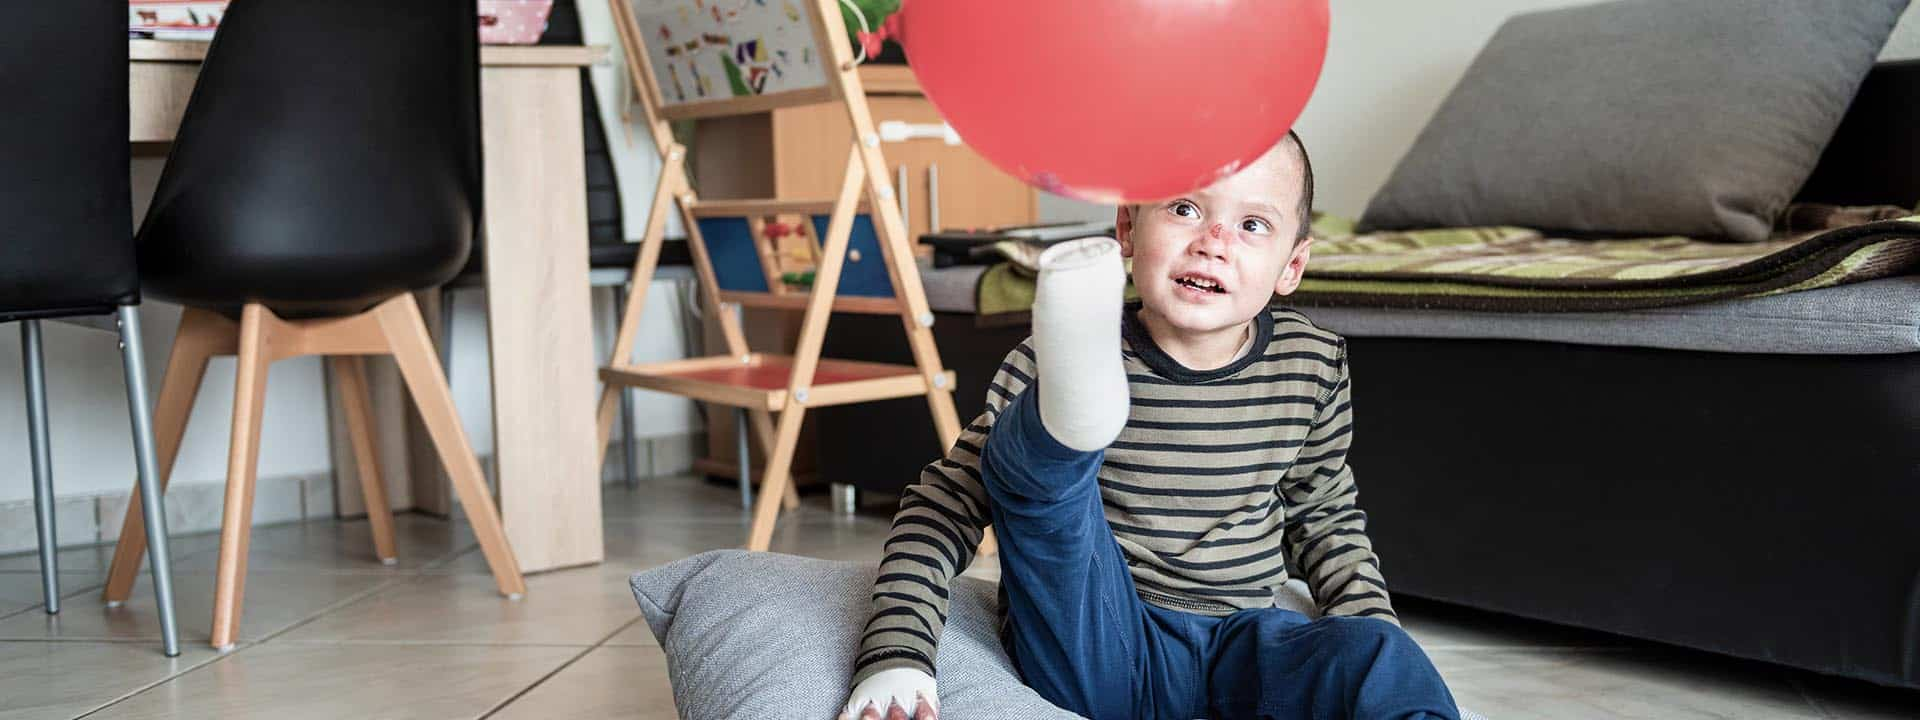 Ergotherapie hilft bei der Behandlung von Epidermolysis bullosa